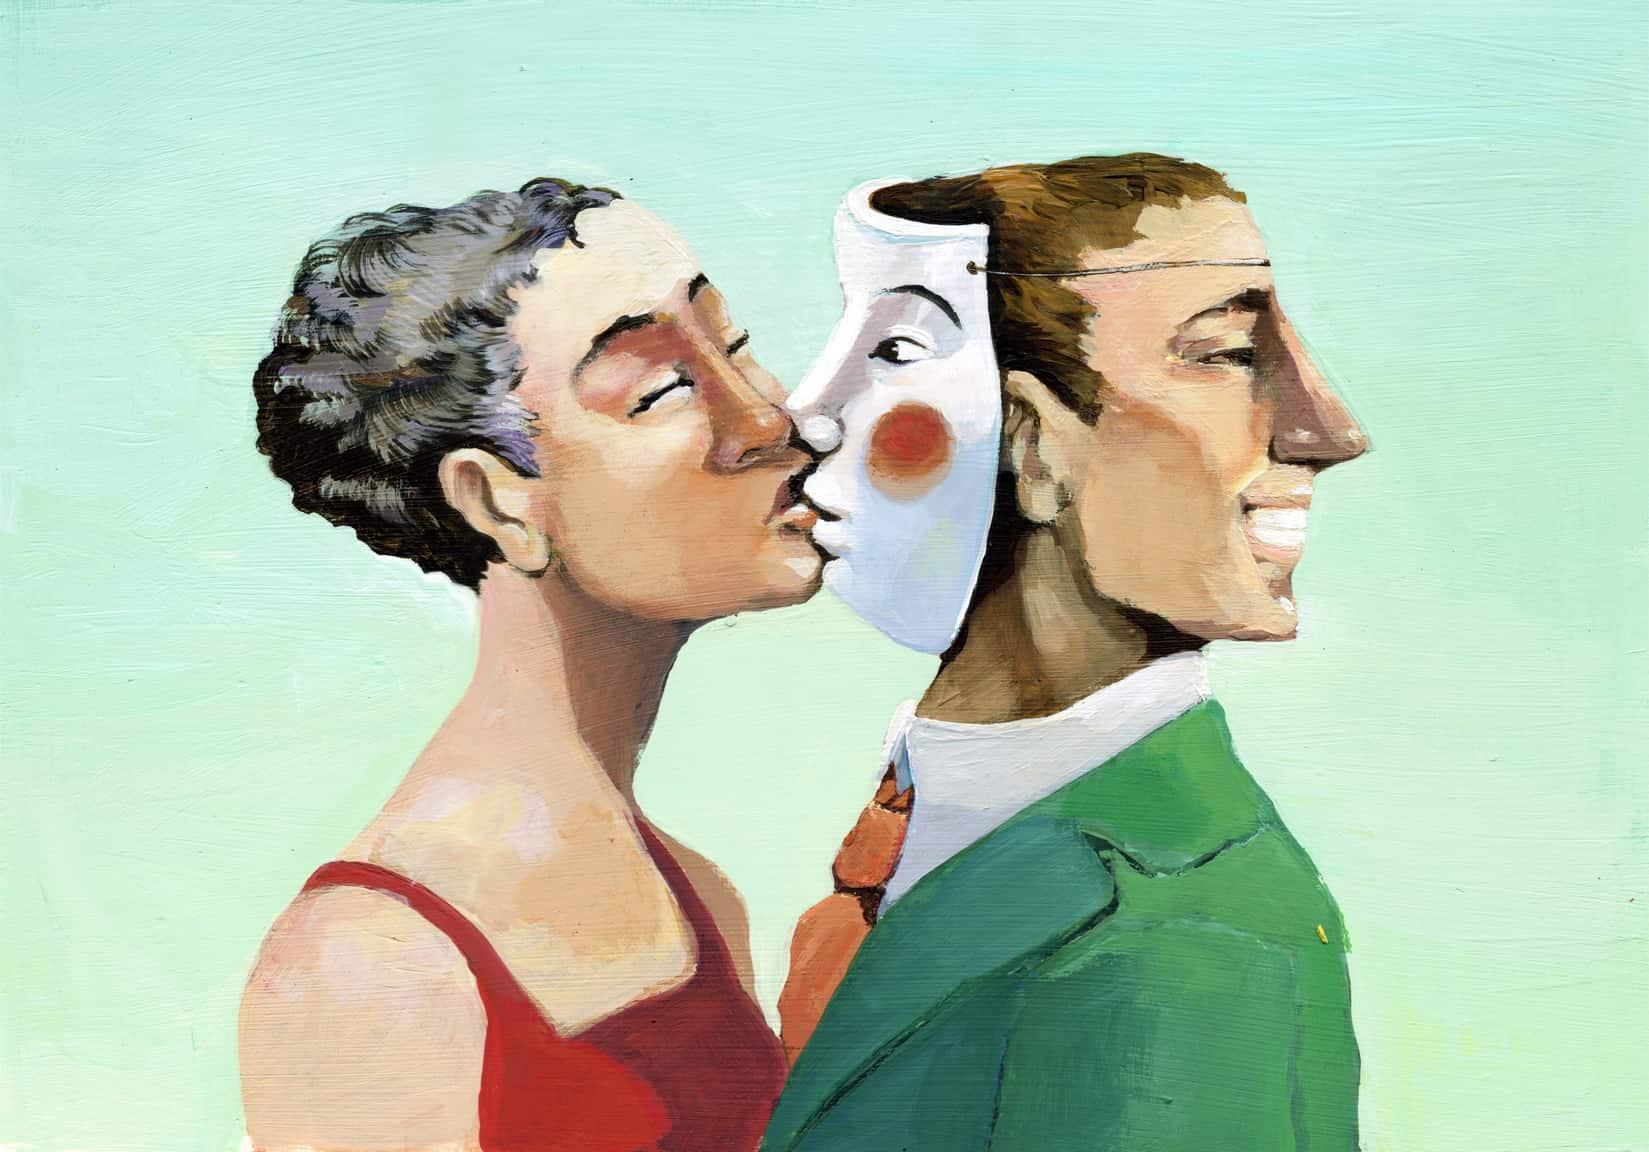 Die Illusion der perfekten Geldanlage wird durch eine Frau verkörpert, die einen Mann auf seine Maske küsst.